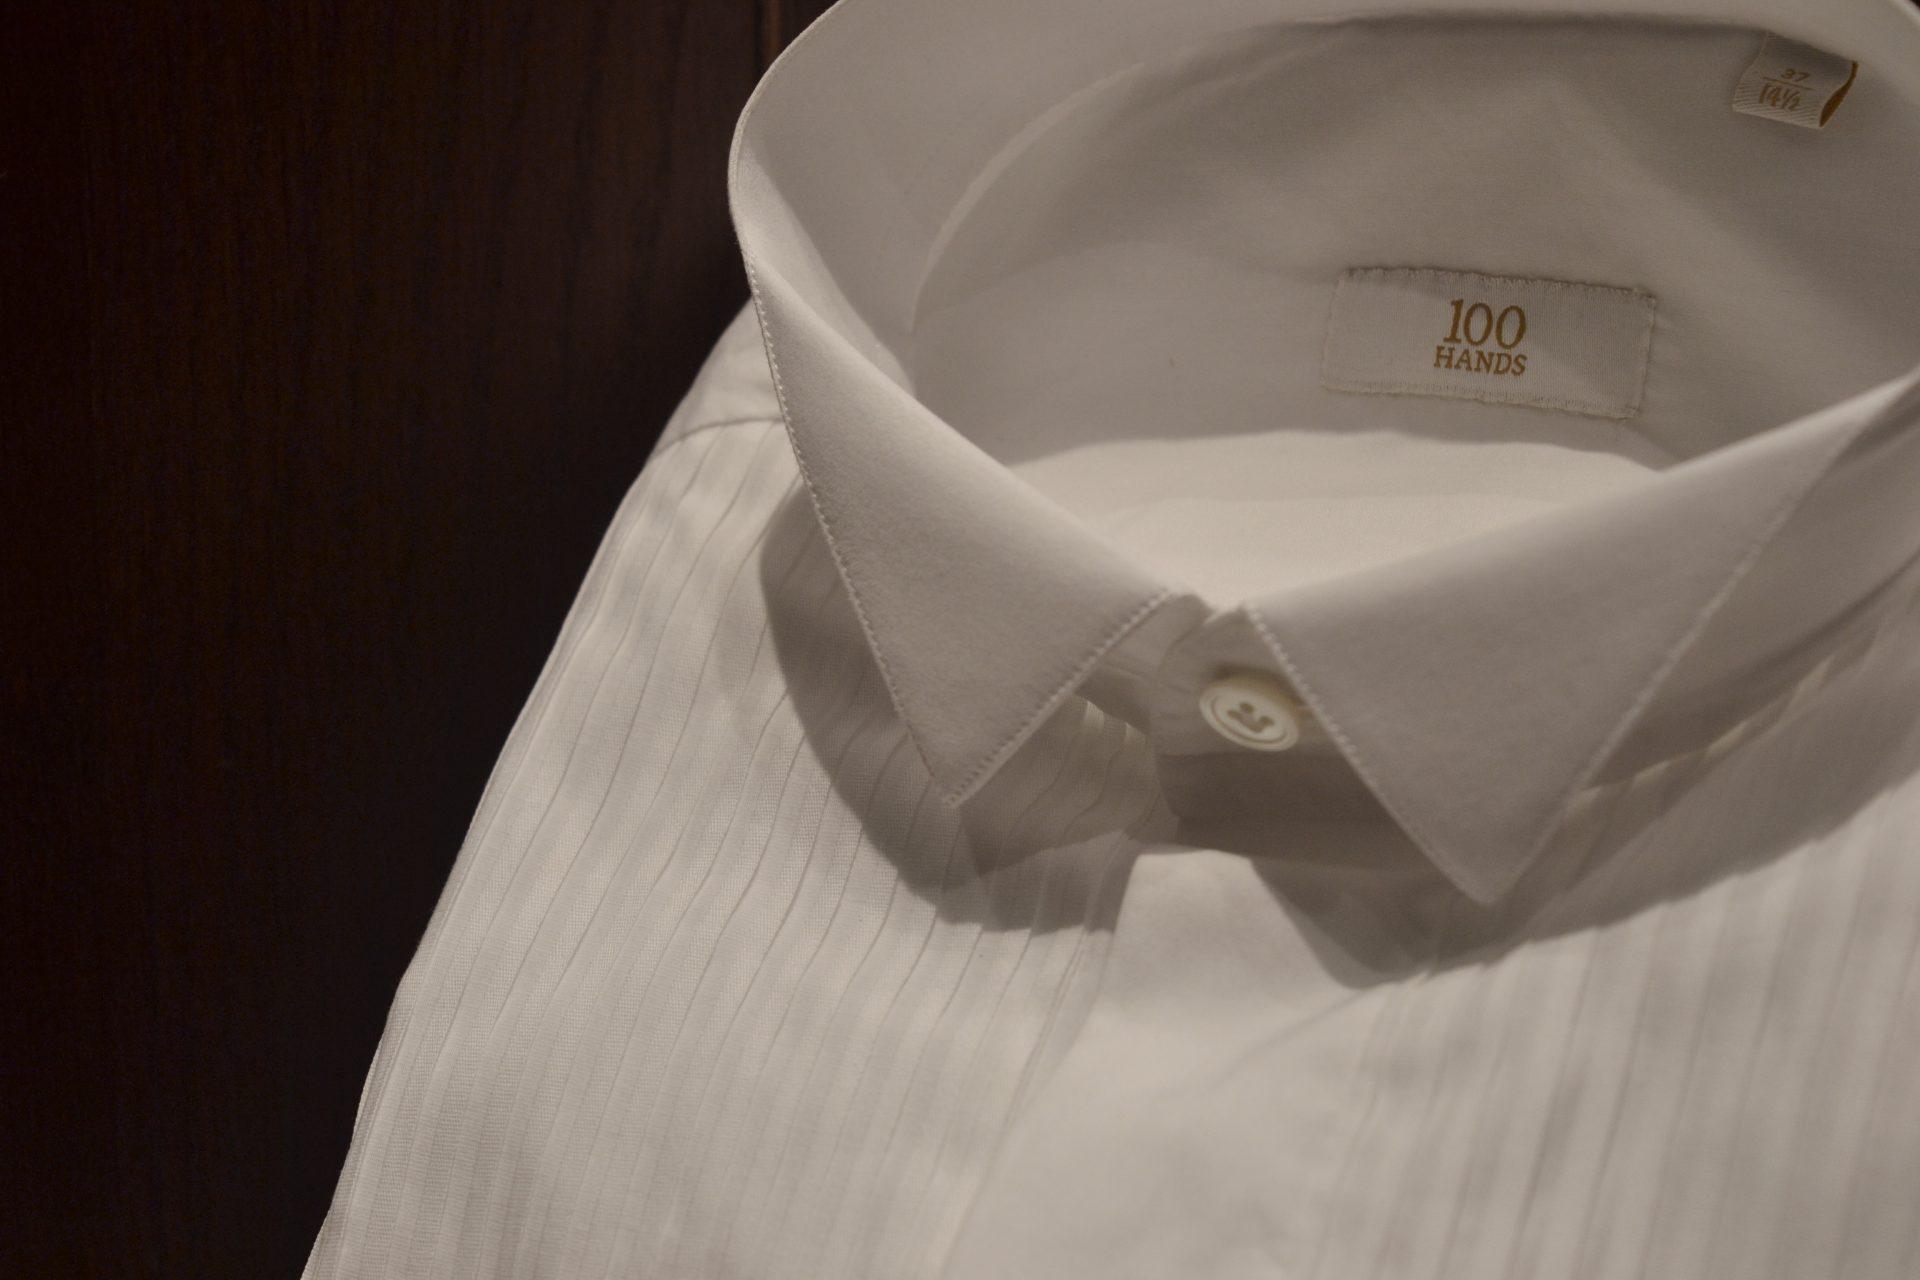 ザ・トリートドレッシング名古屋店にて人気のオランダブランドハンドレッドハンズのプリーツシャツ